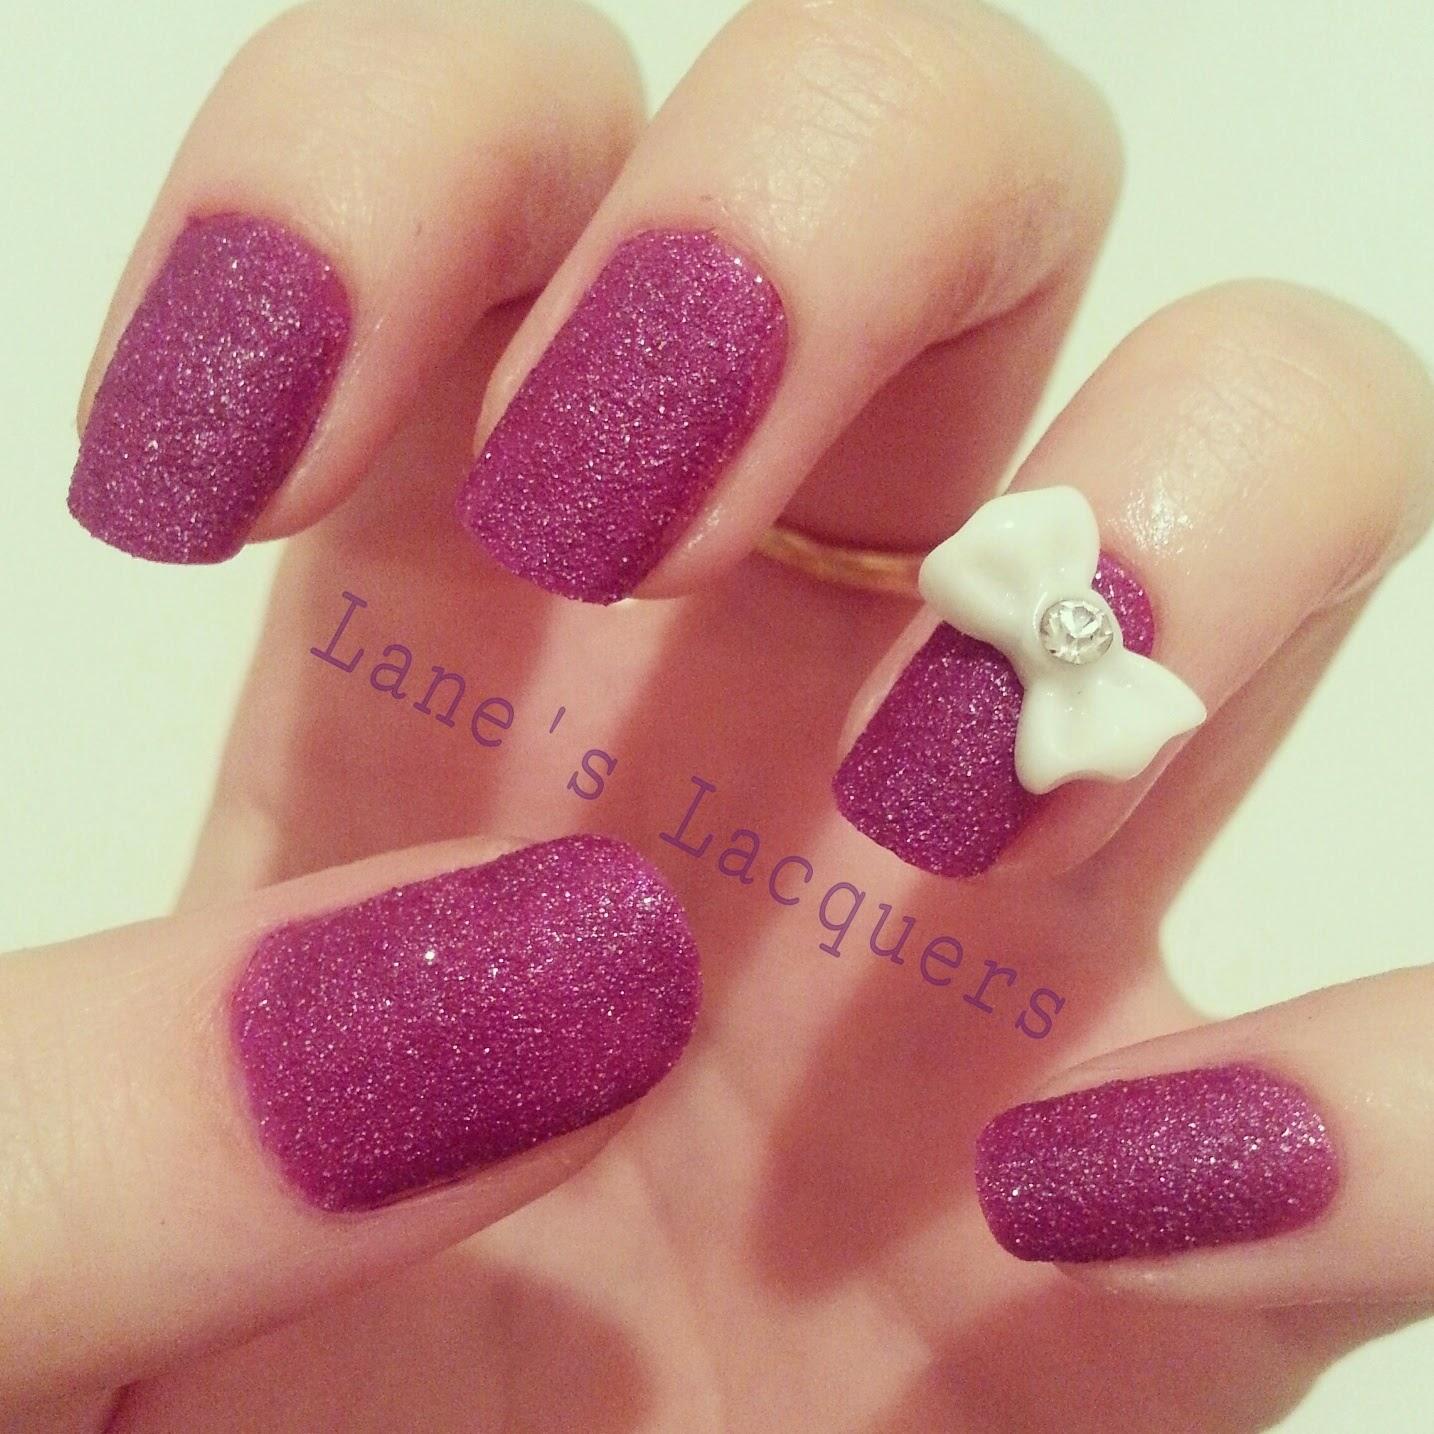 OPI-liquid-sand-my-secret-crush-3d-bow-manicure (1)